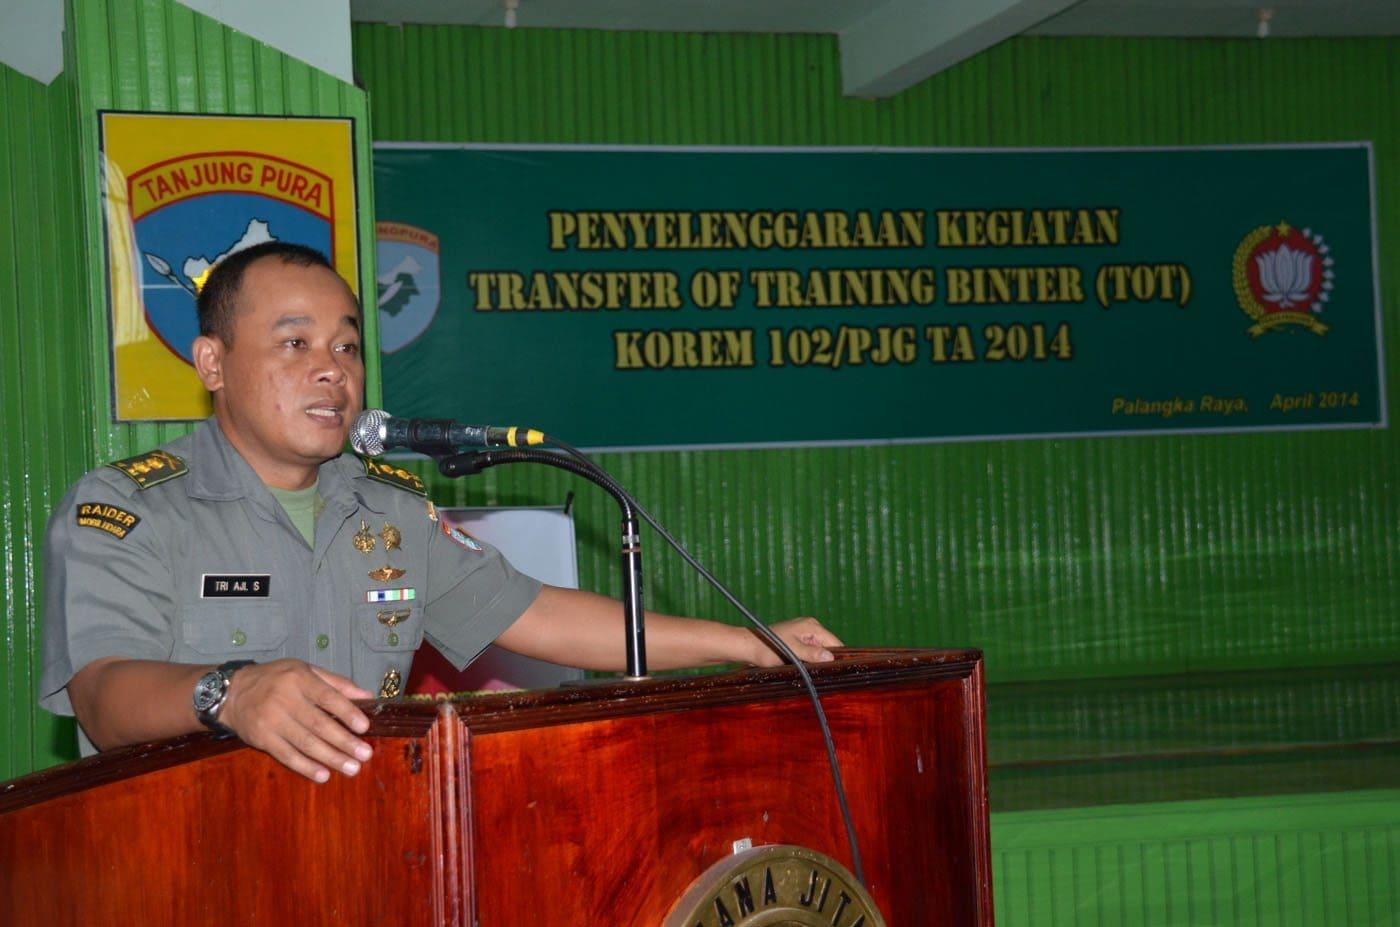 Kegiatan Transfer Of Training (TOT) Pembinaan Teritorial di Jajaran Korem 102/Pjg Tahun 2014